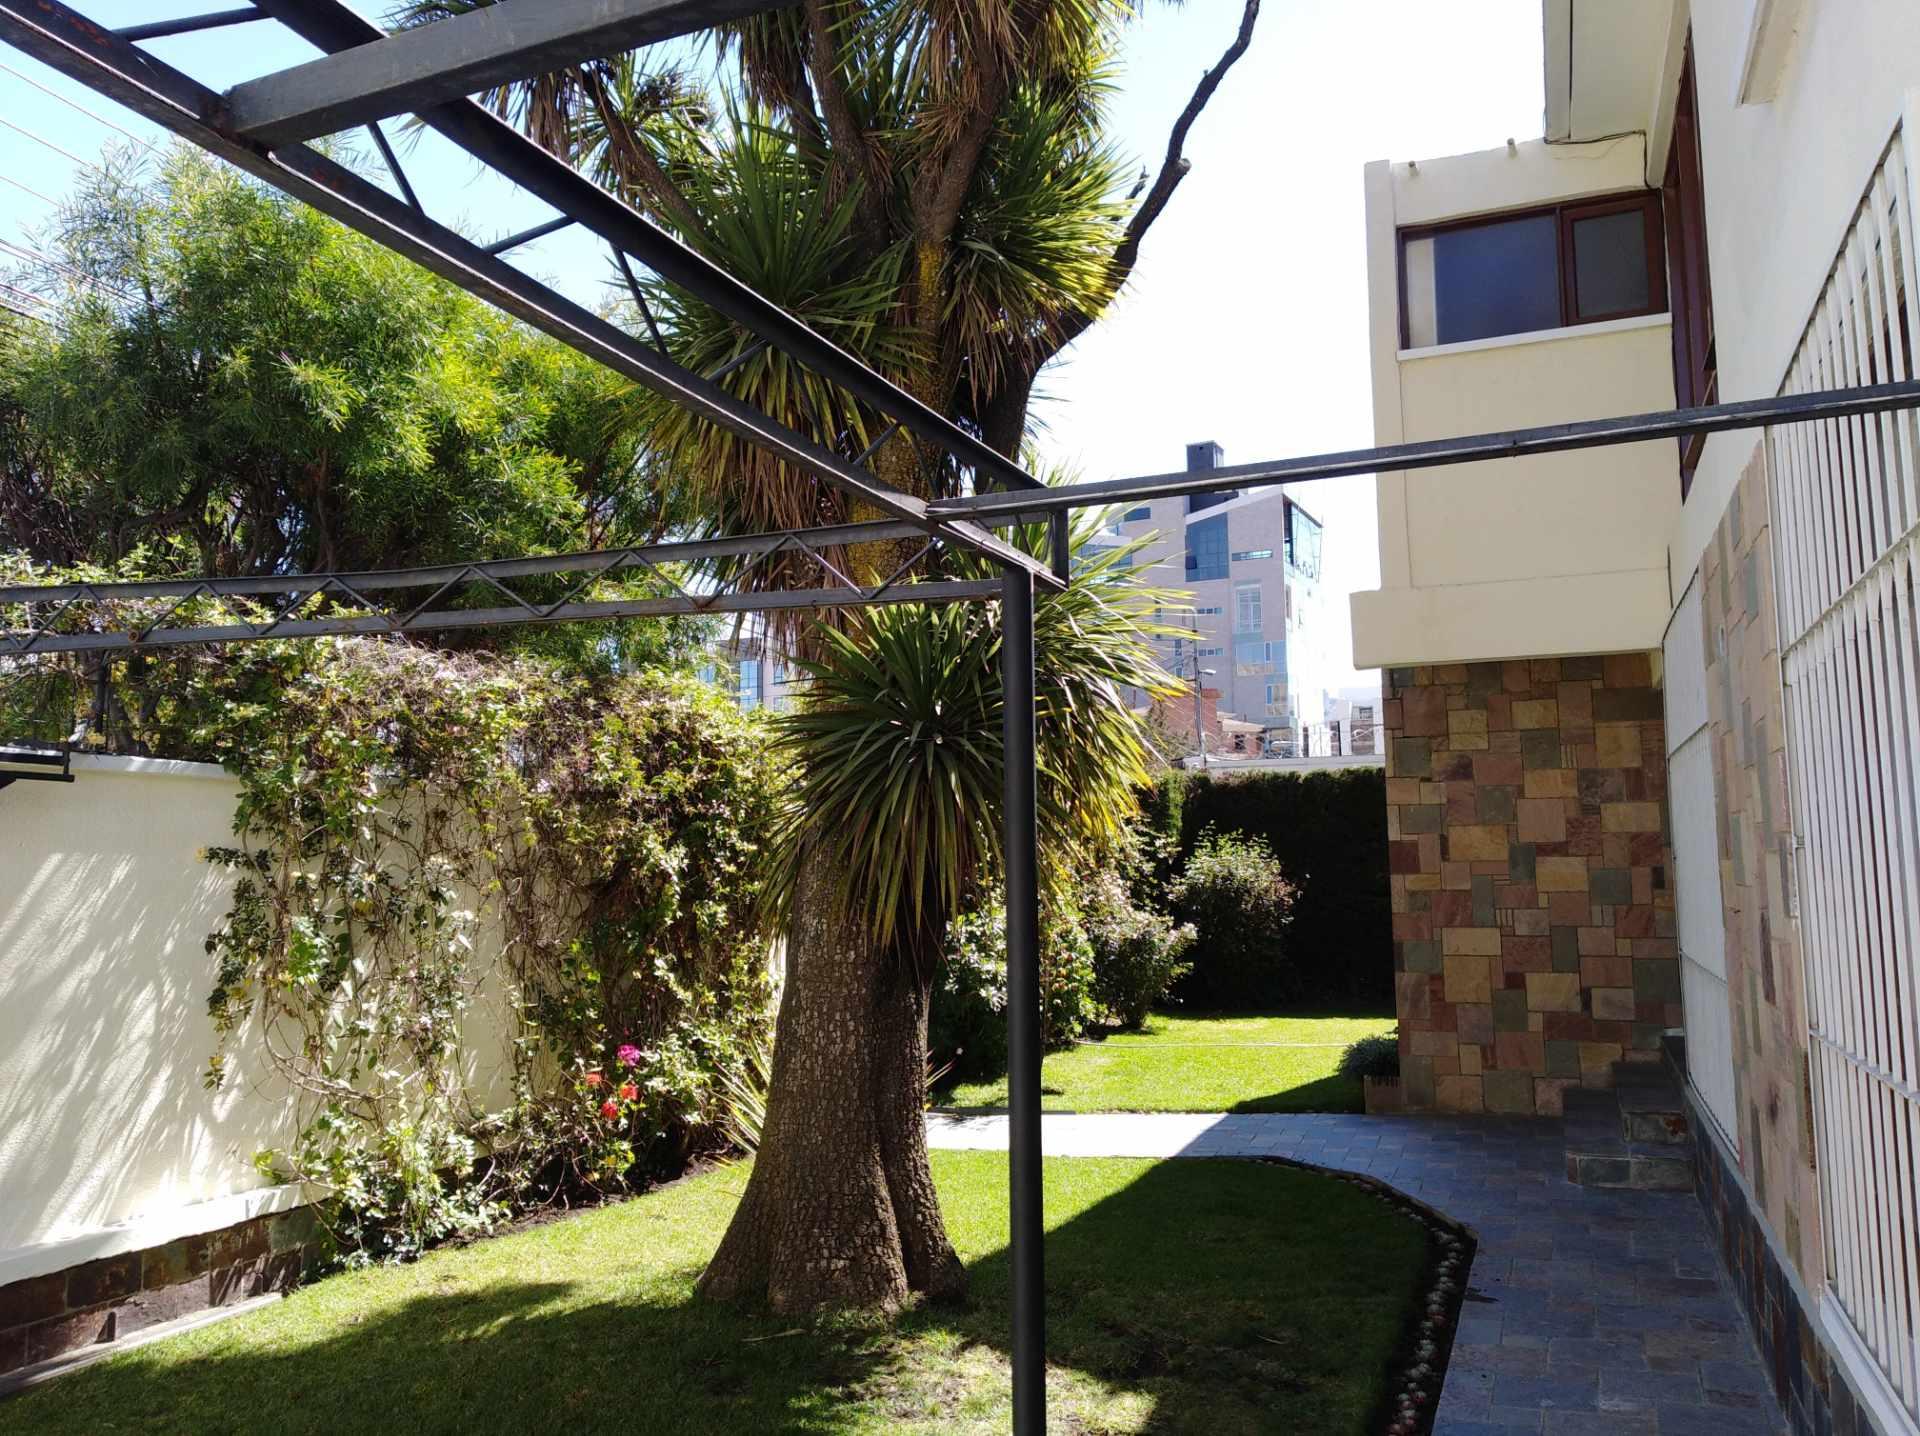 Casa en Alquiler CALACOTO calle 16 a 1/2 cuadra de la Av. Julio C. Patiño.  Foto 20